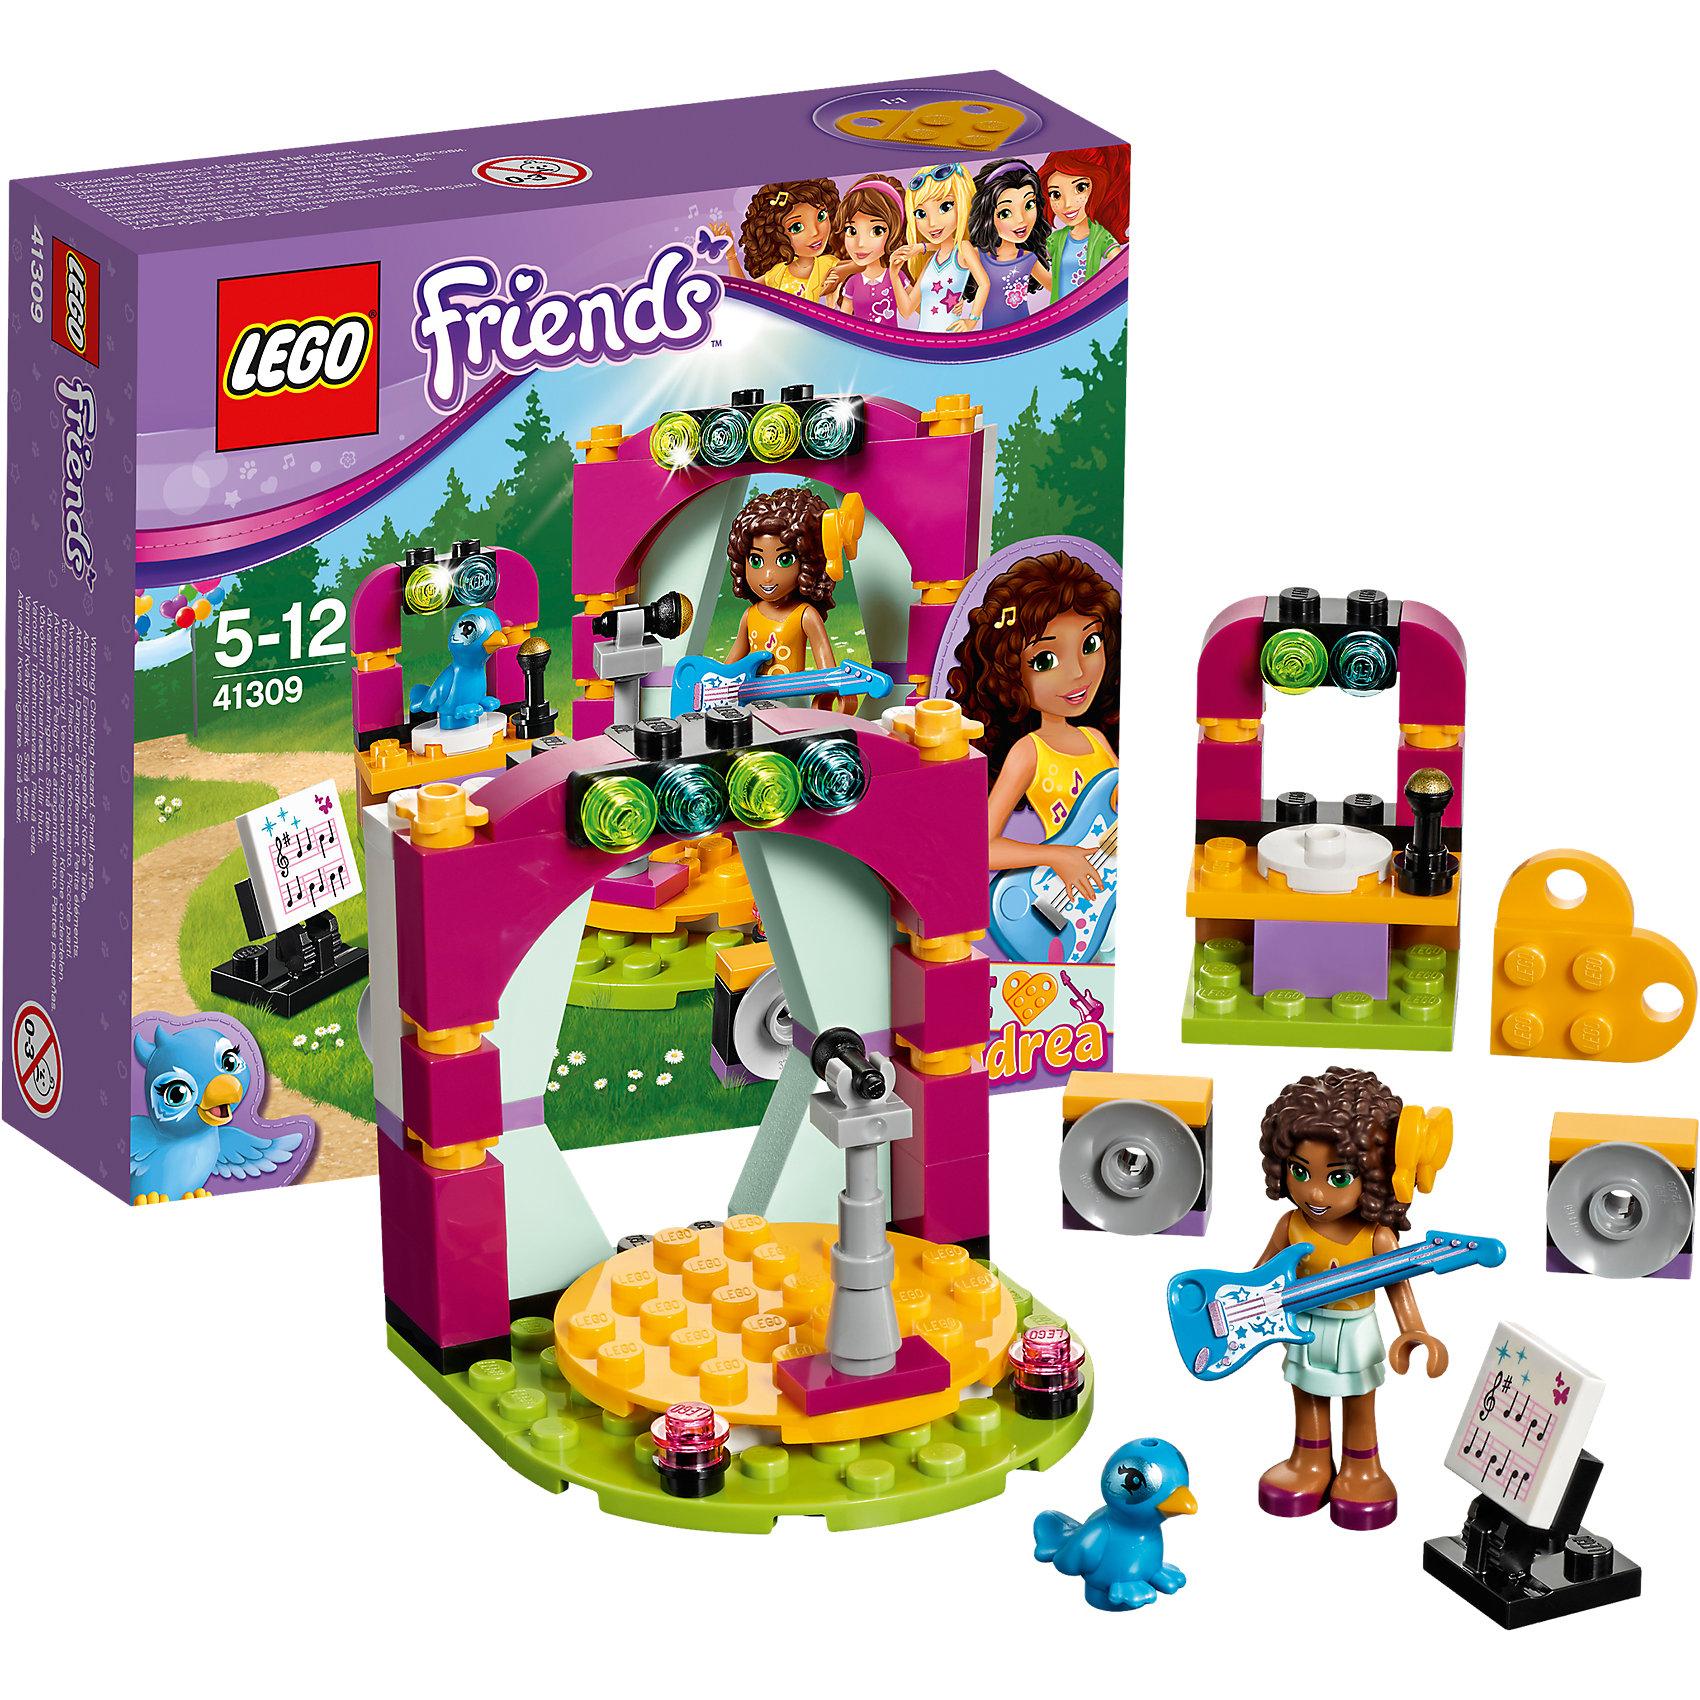 LEGO Friends 41309: Музыкальный дуэт Андреа<br><br>Ширина мм: 158<br>Глубина мм: 142<br>Высота мм: 48<br>Вес г: 120<br>Возраст от месяцев: 60<br>Возраст до месяцев: 144<br>Пол: Женский<br>Возраст: Детский<br>SKU: 5002484